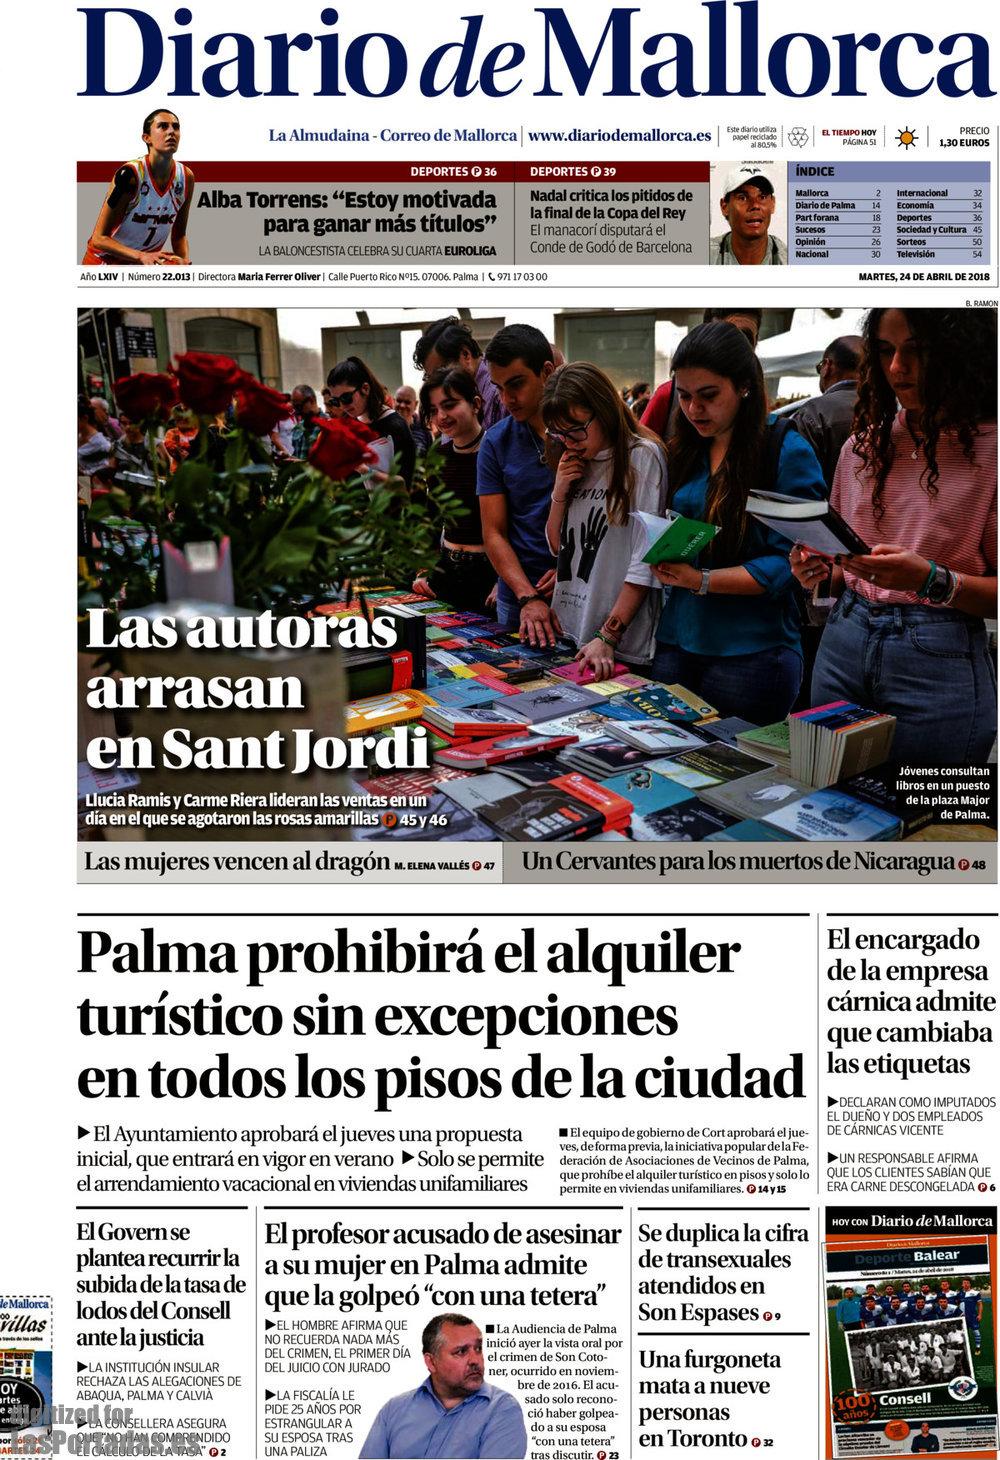 Periodico Diario de Mallorca - 24/4/2018